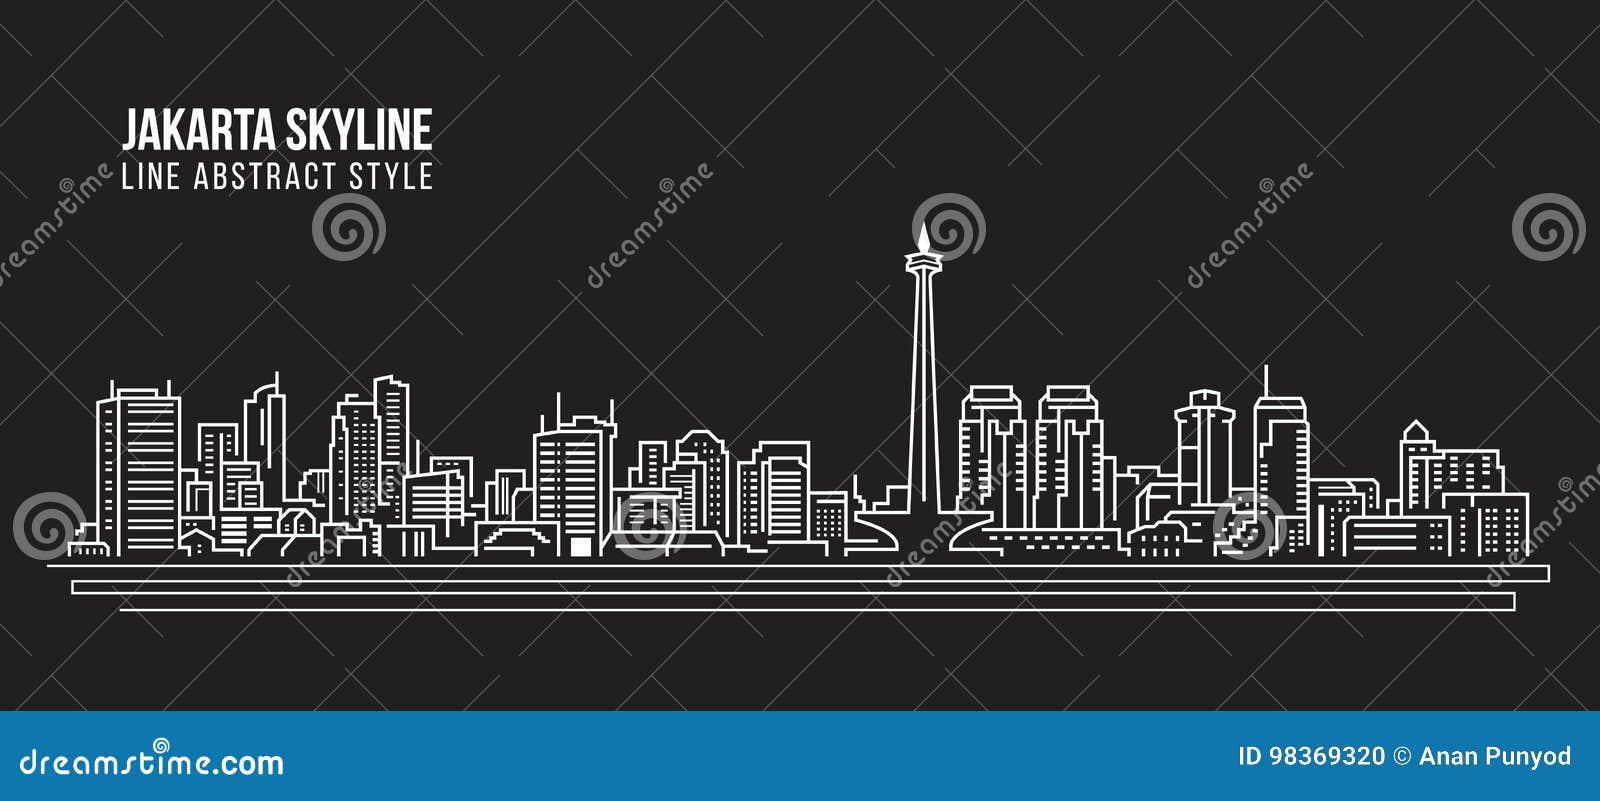 Allineamento dei fabbricati di paesaggio urbano progettazione dell illustrazione di vettore di arte - orizzonte della città di Ja